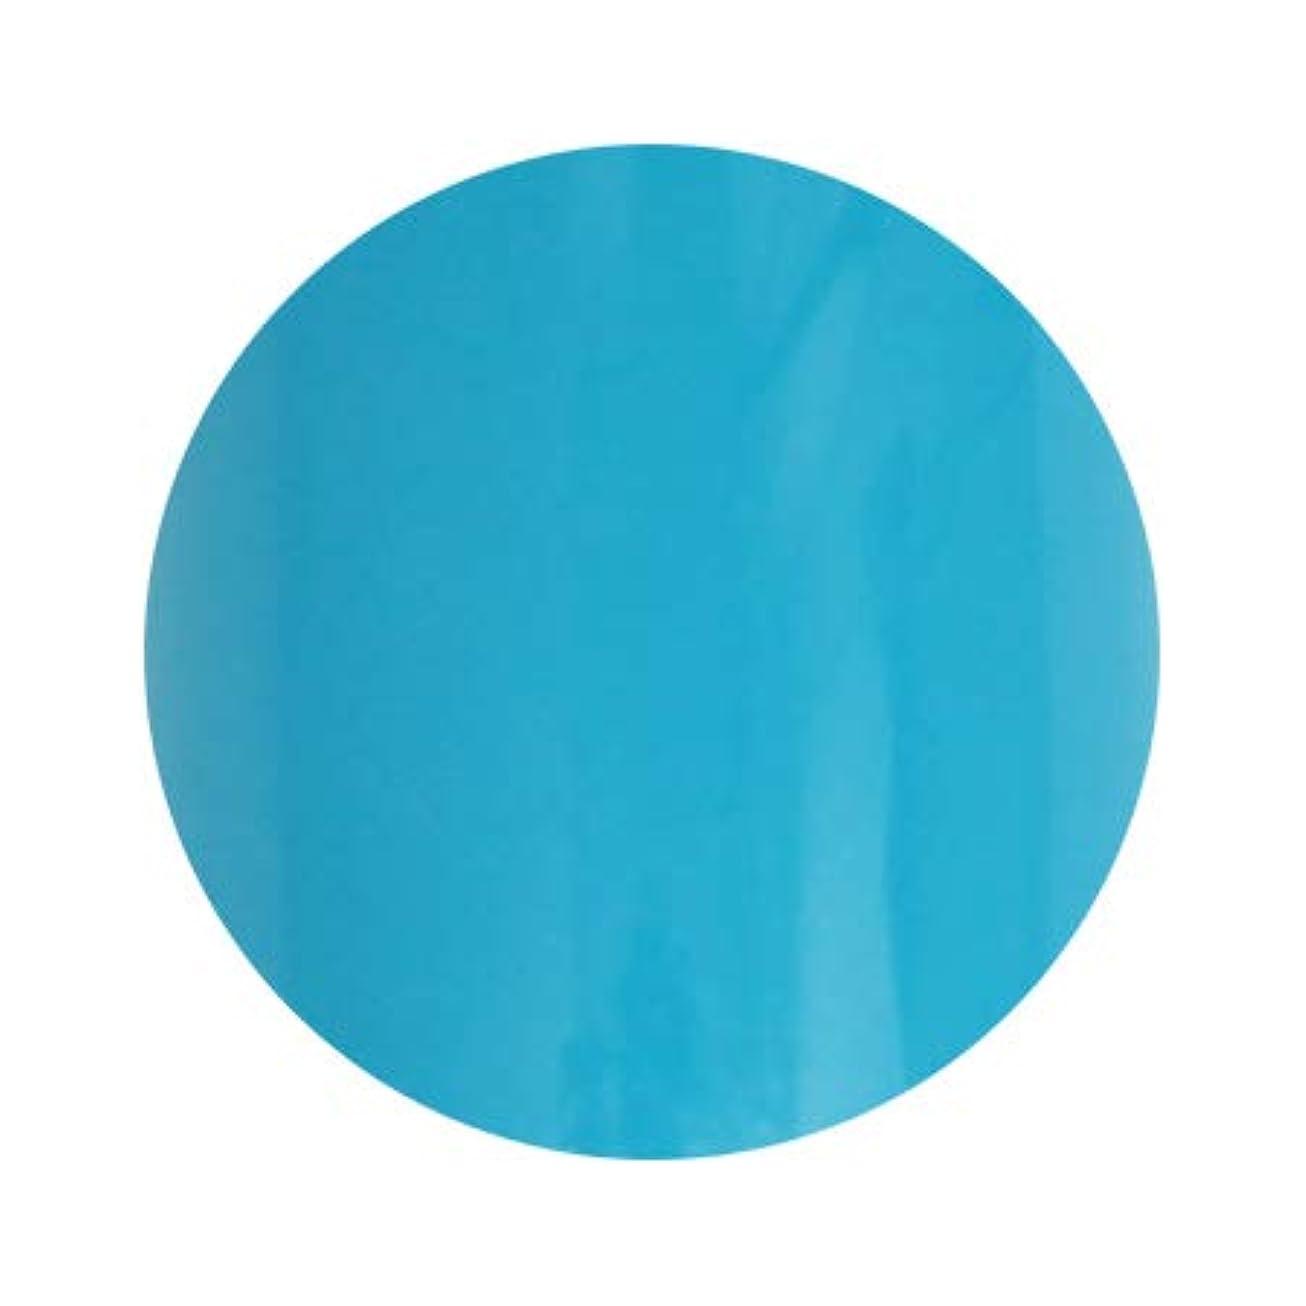 アート石のイデオロギーLUCU GEL ルクジェル カラー BLM14 ネイティブブルー 3.5g